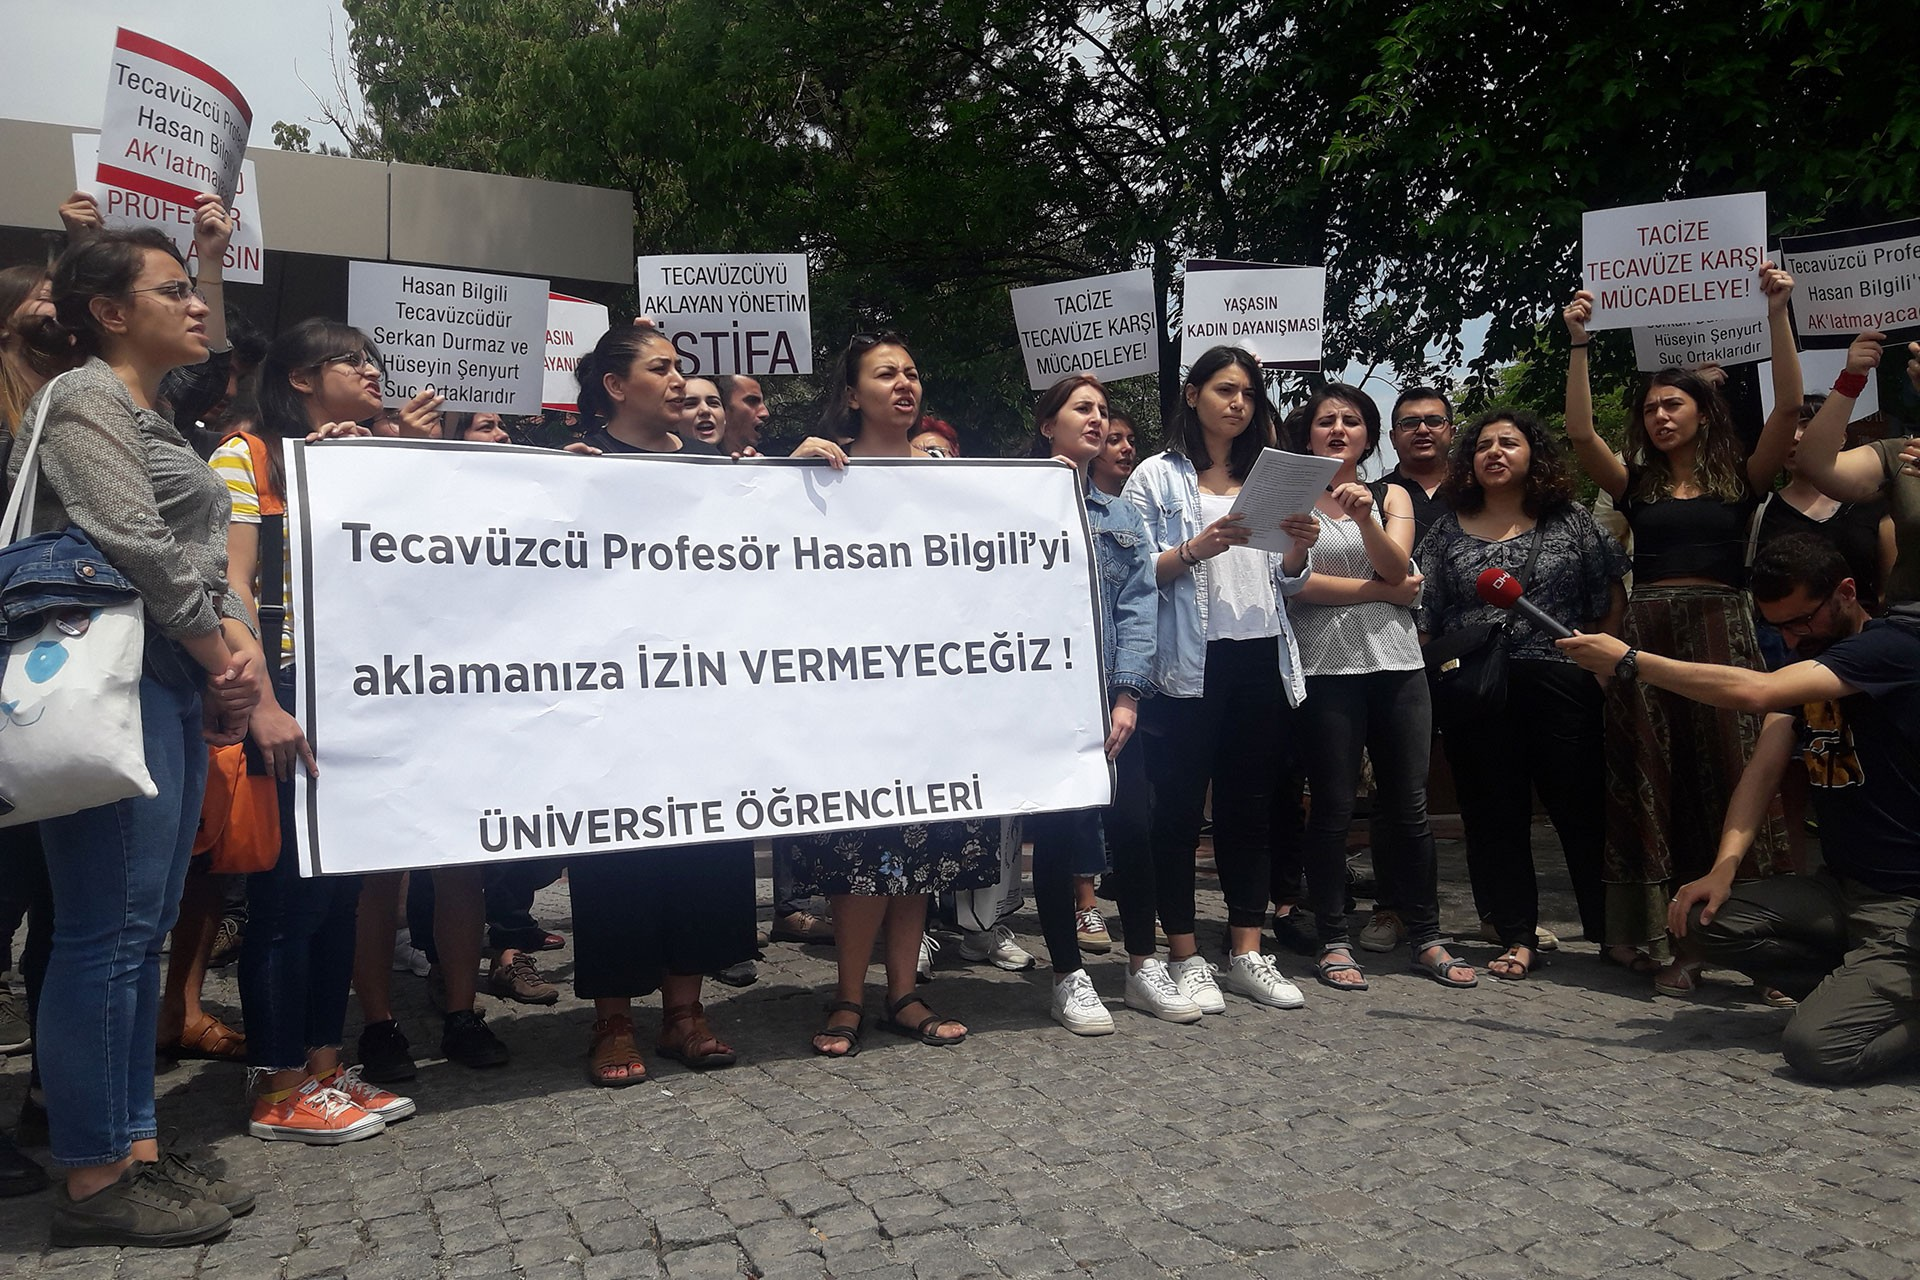 Öğrencilerden tecavüz faili Hasan Bilgili'nin serbest bırakılmasına tepki